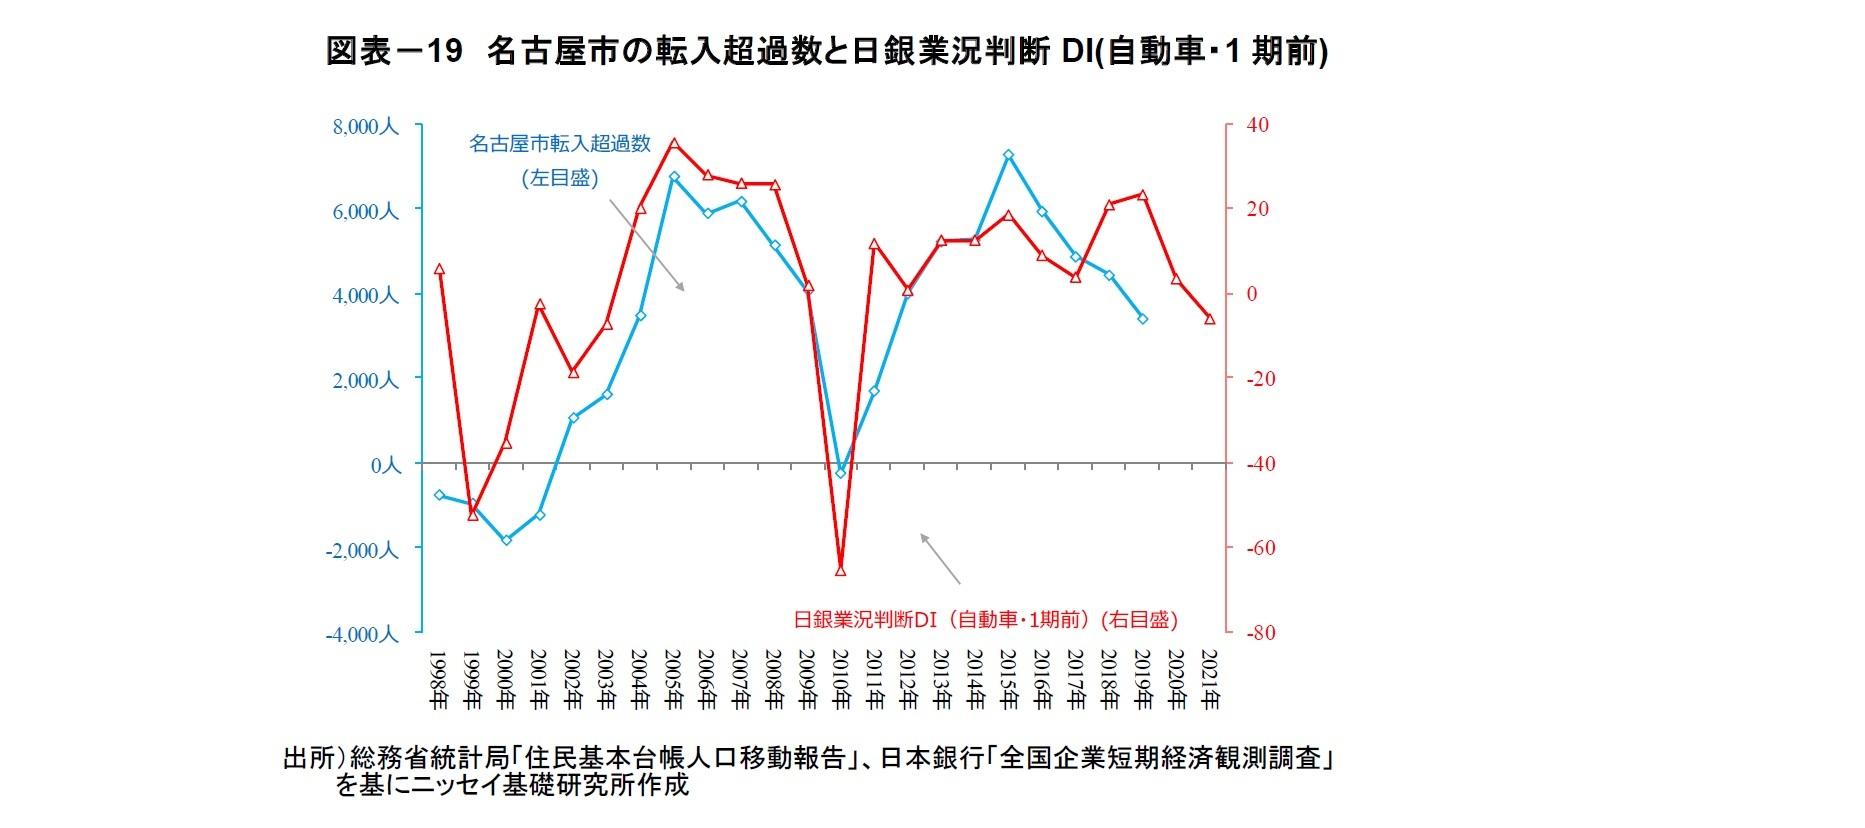 図表-19 名古屋市の転入超過数と日銀業況判断DI(自動車・1期前)